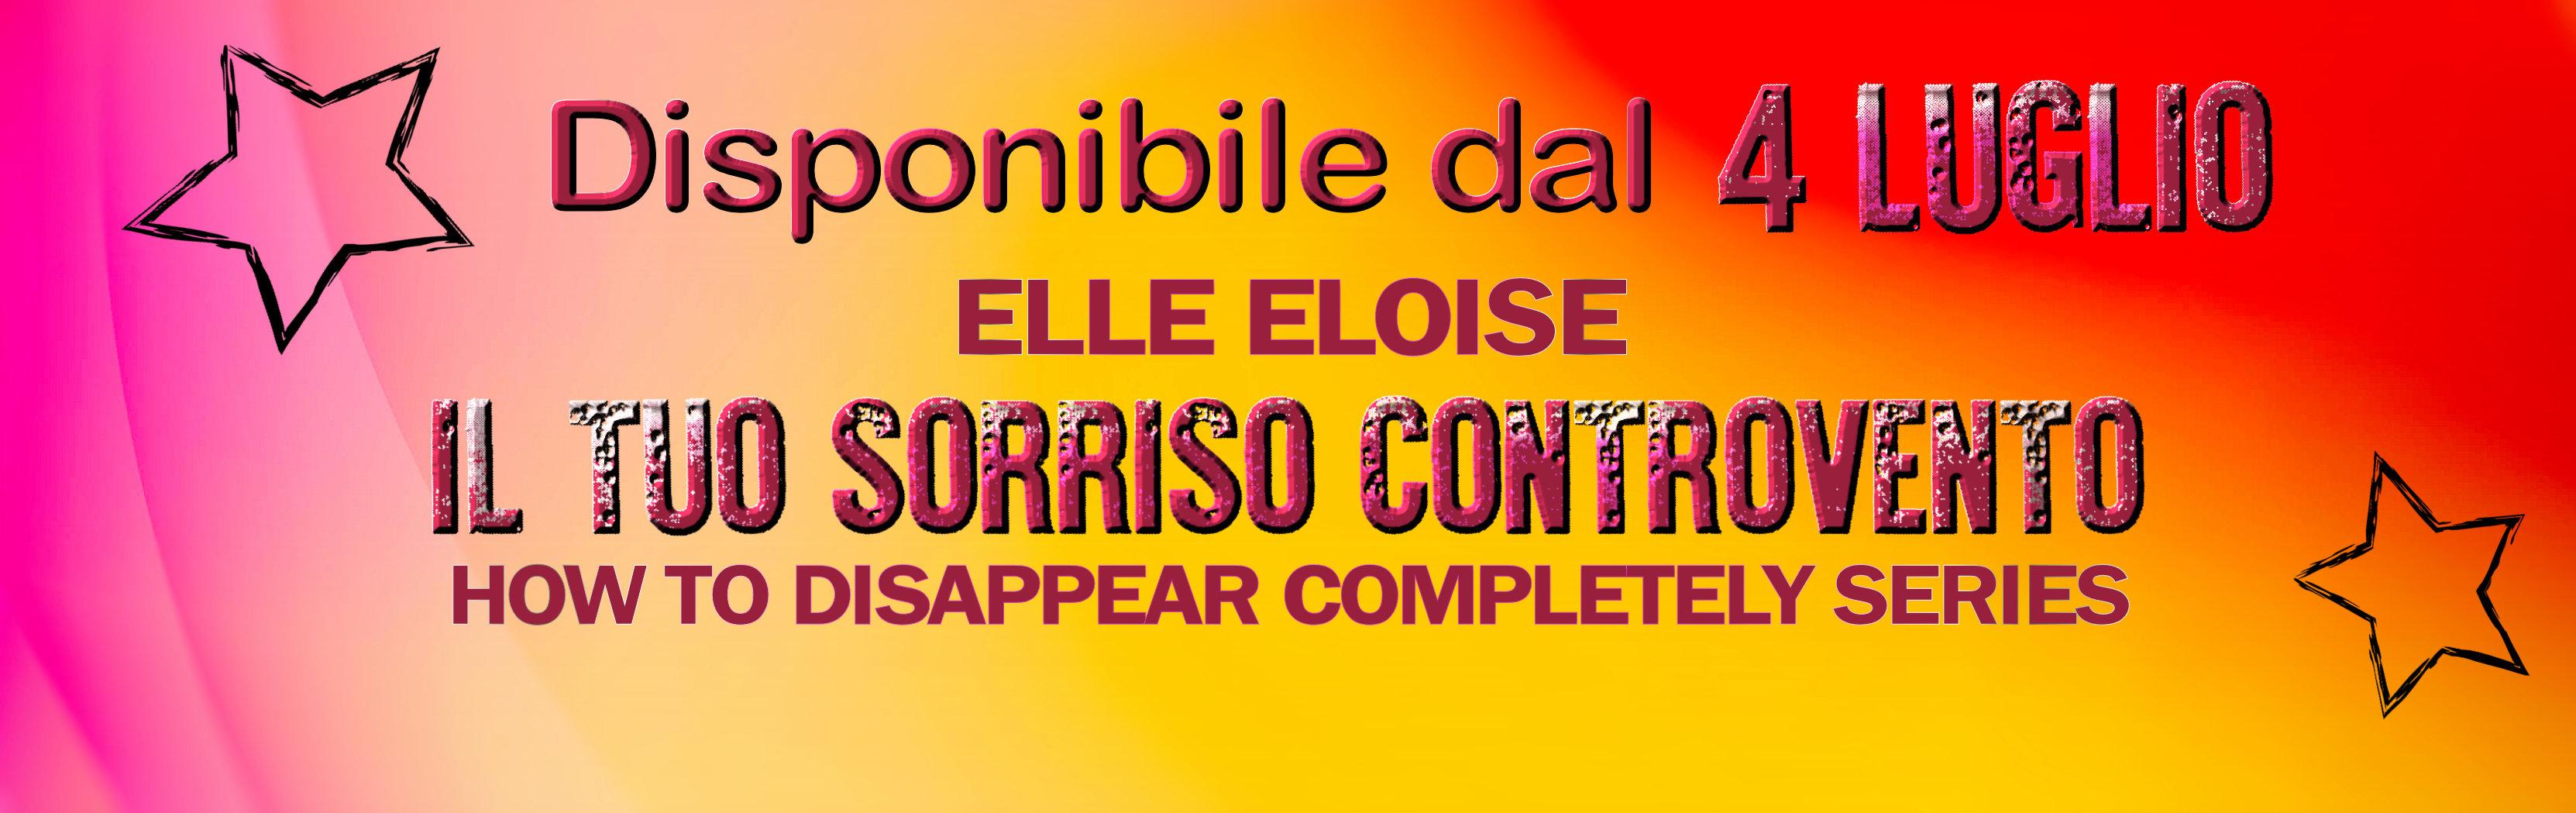 78246cbf-e052-4f62-8444-cdbbcf428e6e.jpg